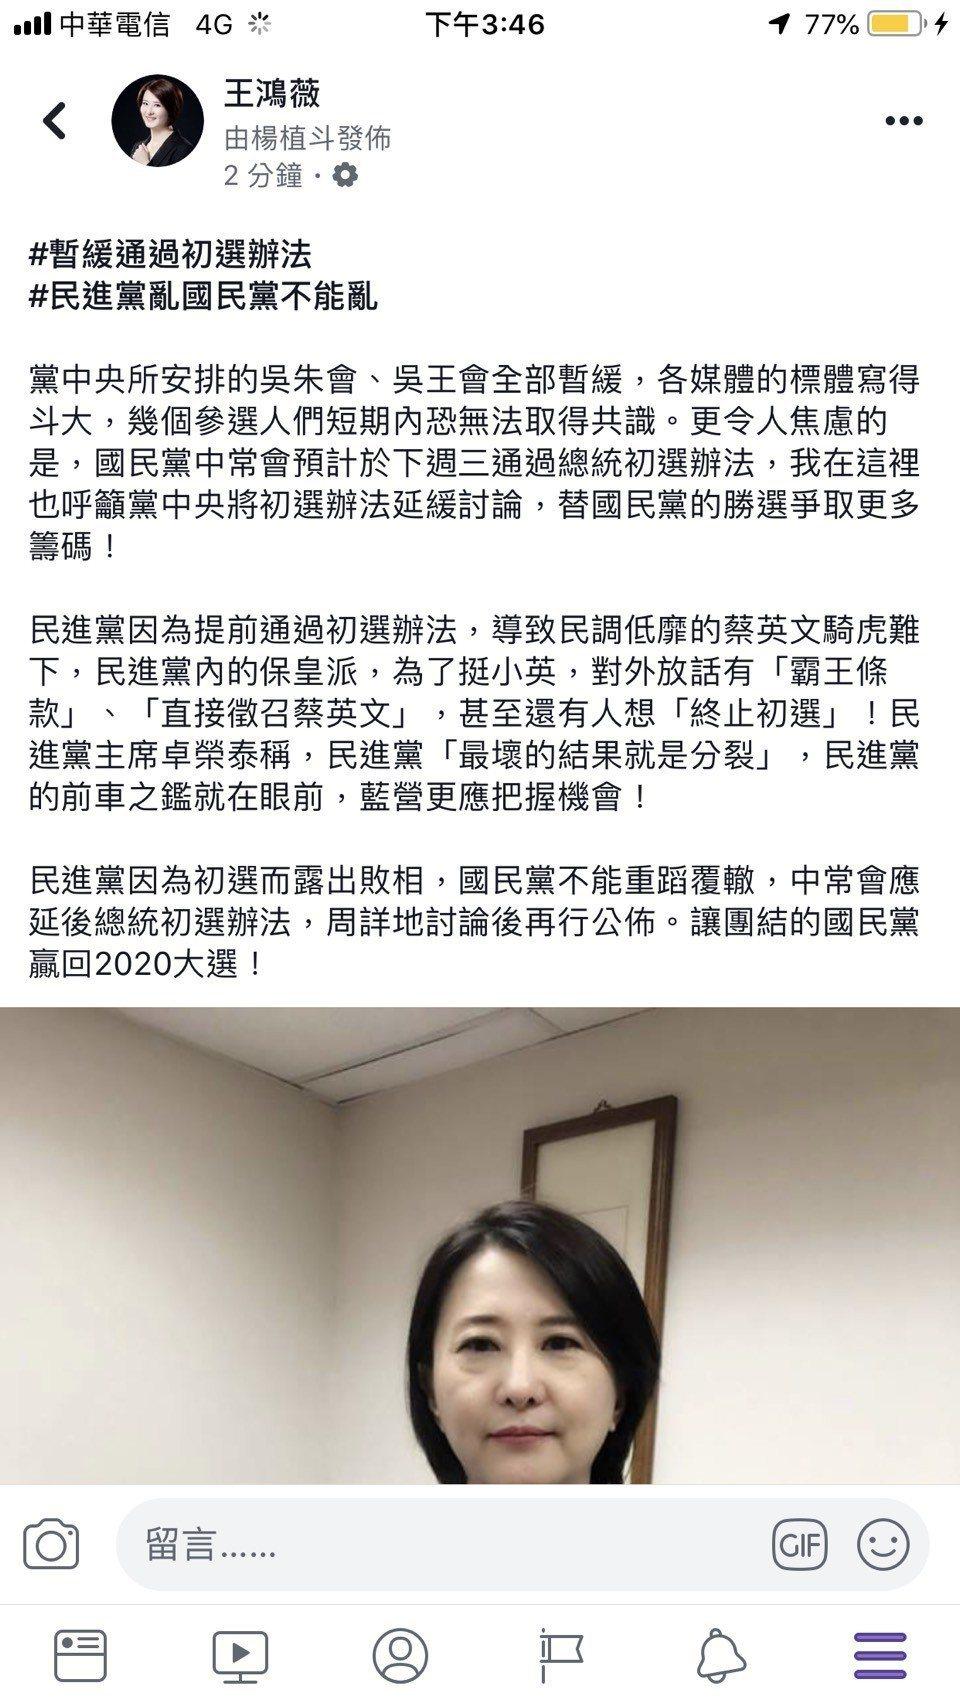 台北市議員王鴻薇呼籲黨中央暫緩通過初選辦法,強調「民進黨亂國民黨不能亂」。圖 /...